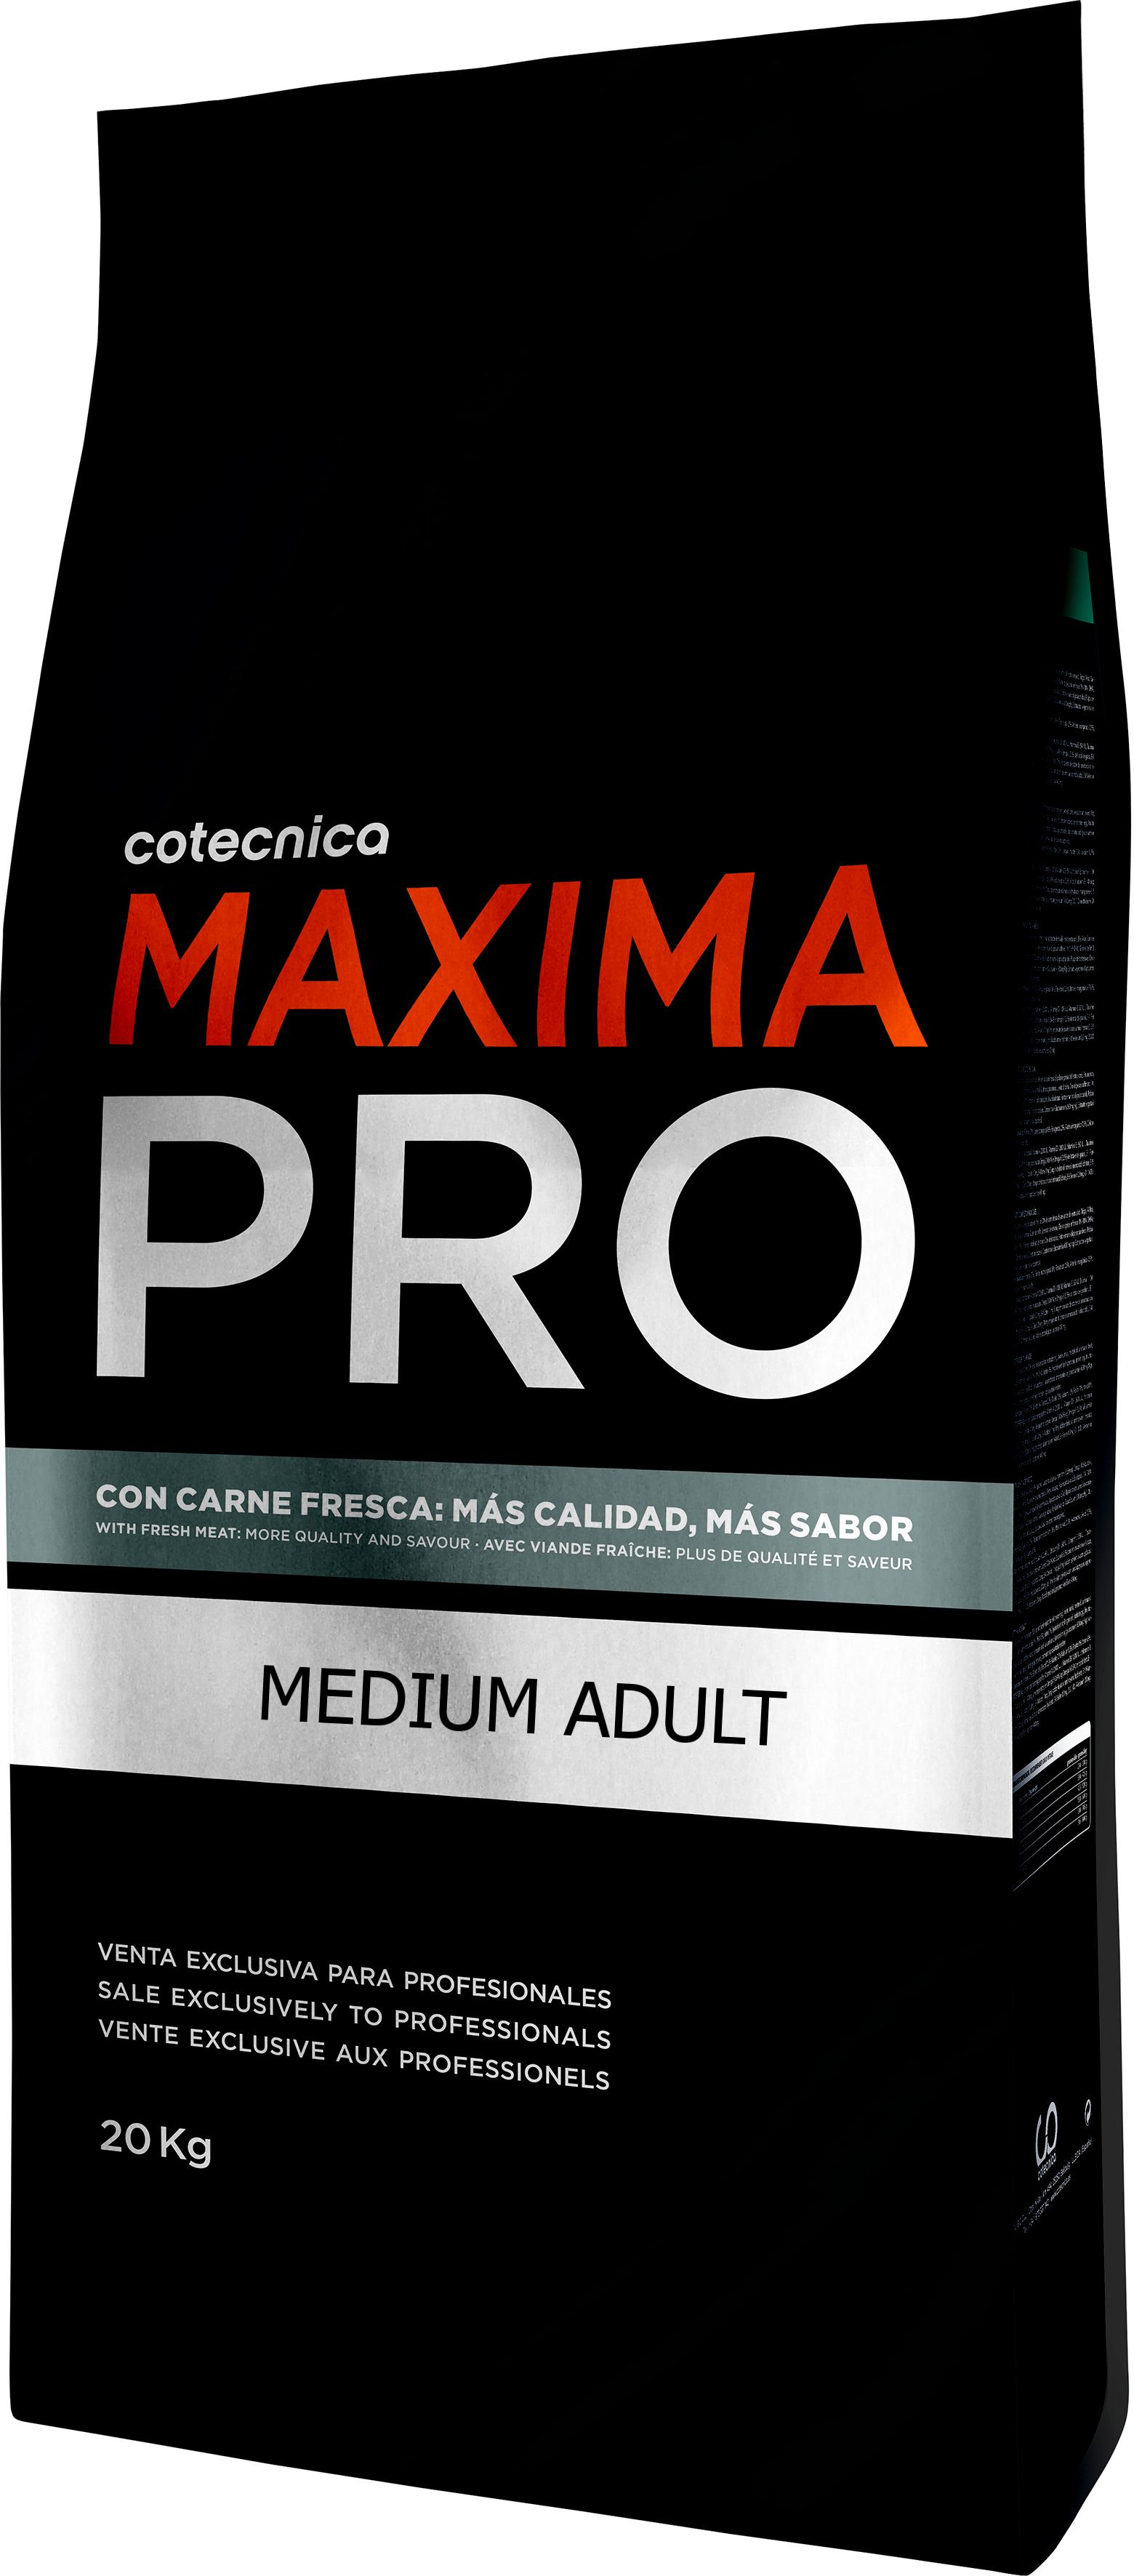 Maxima Criador Medium Adult 20kg+DOPRAVA ZDARMA+Dental Snacks ZDARMA! (+ 2% SLEVA PO REGISTRACI )